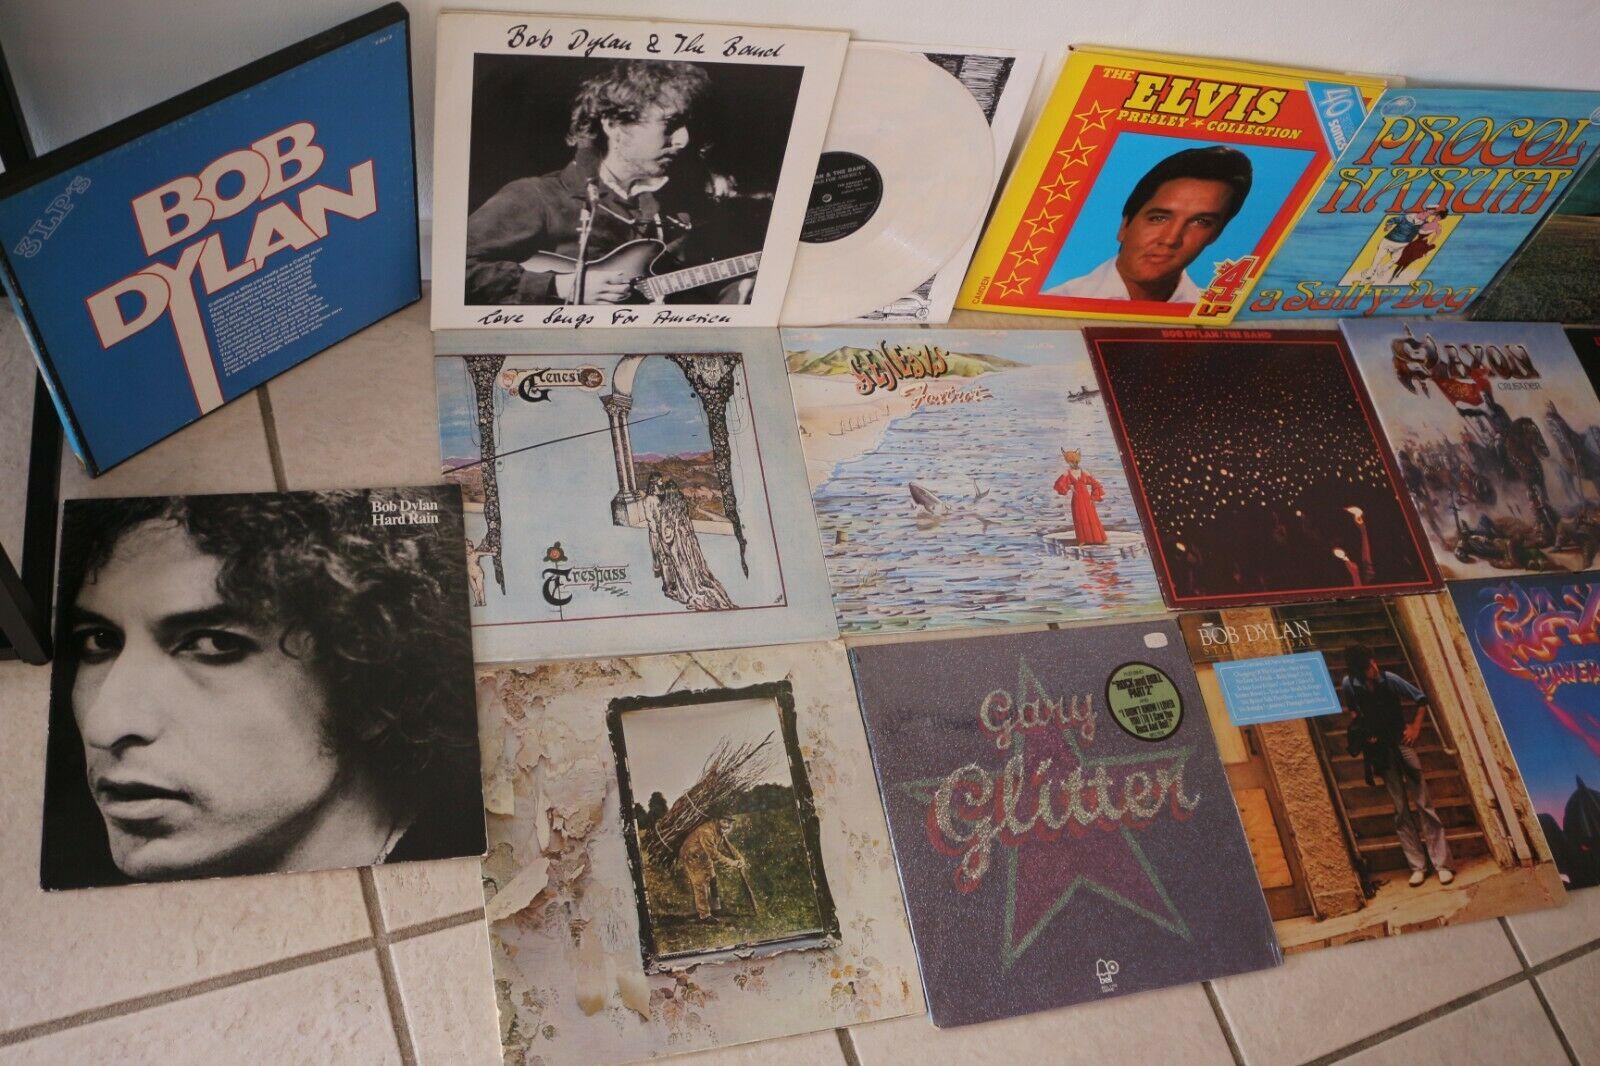 Rock Pop  Vinyl LP Sammlung der 70 80 90er  250 St  ck     sehr guter Zustand